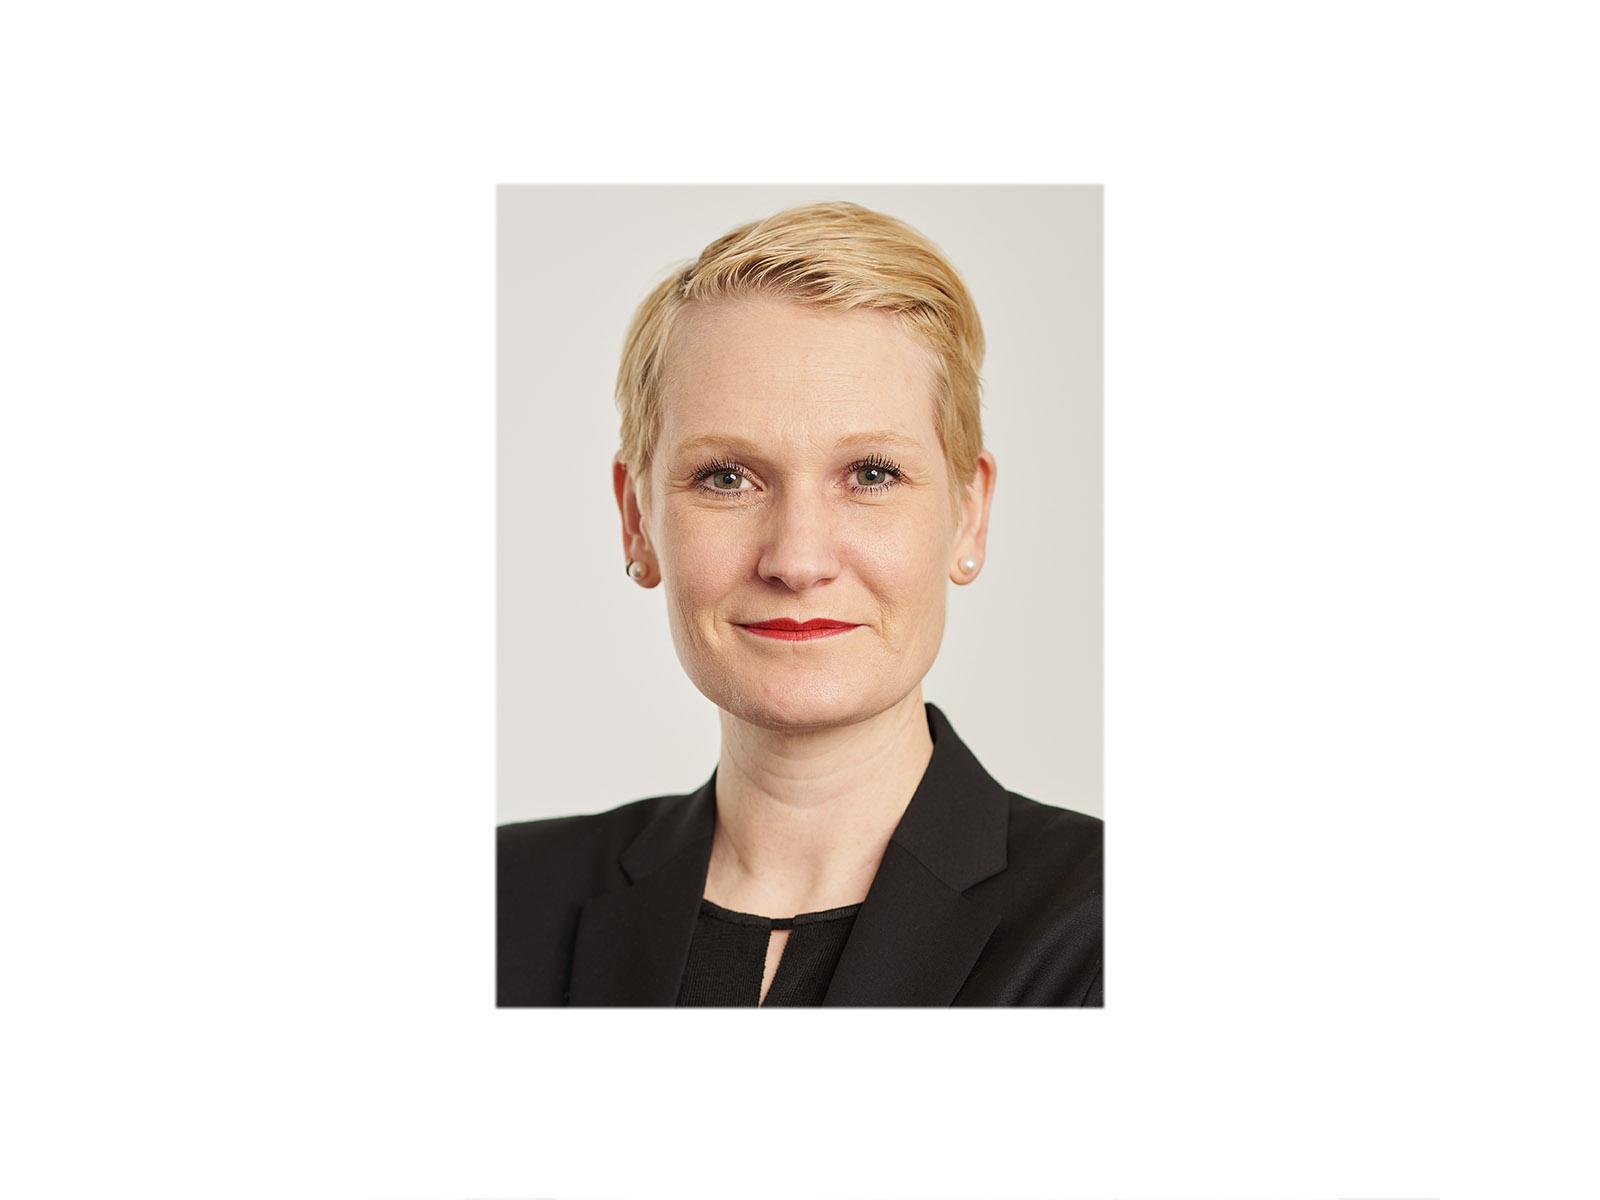 Gabriela Rothenfluh ist neue Präsidentin der Kreisschulbehörde Waidberg.